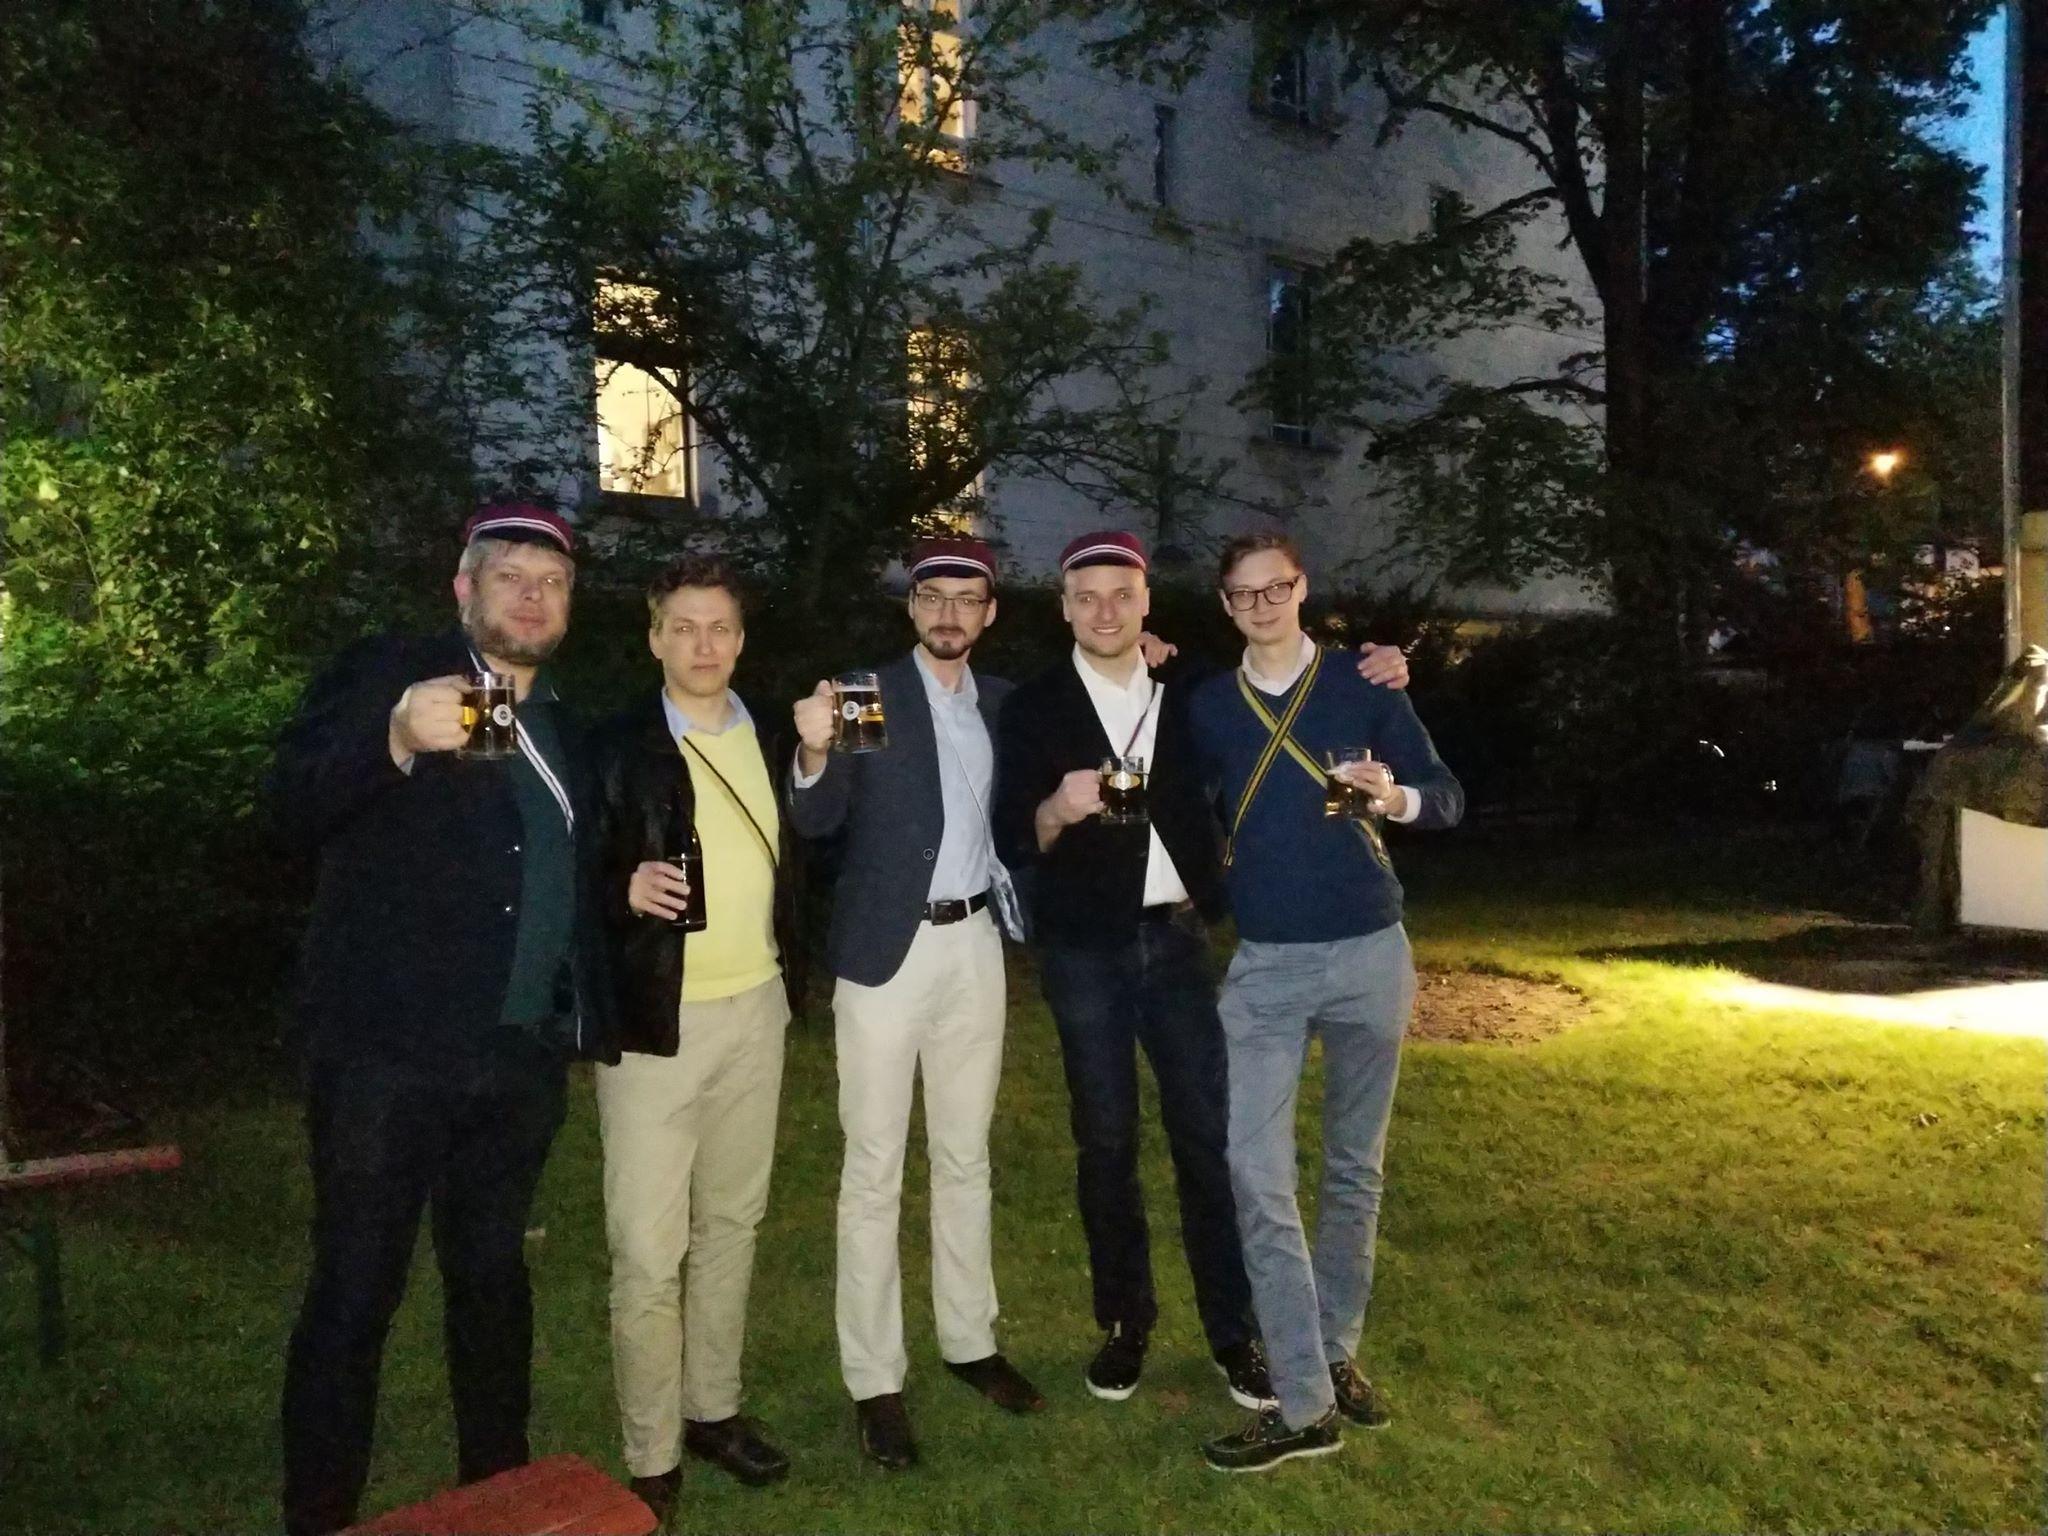 Odwiedziny u KAV Suevia im CV zu Berlin 2018